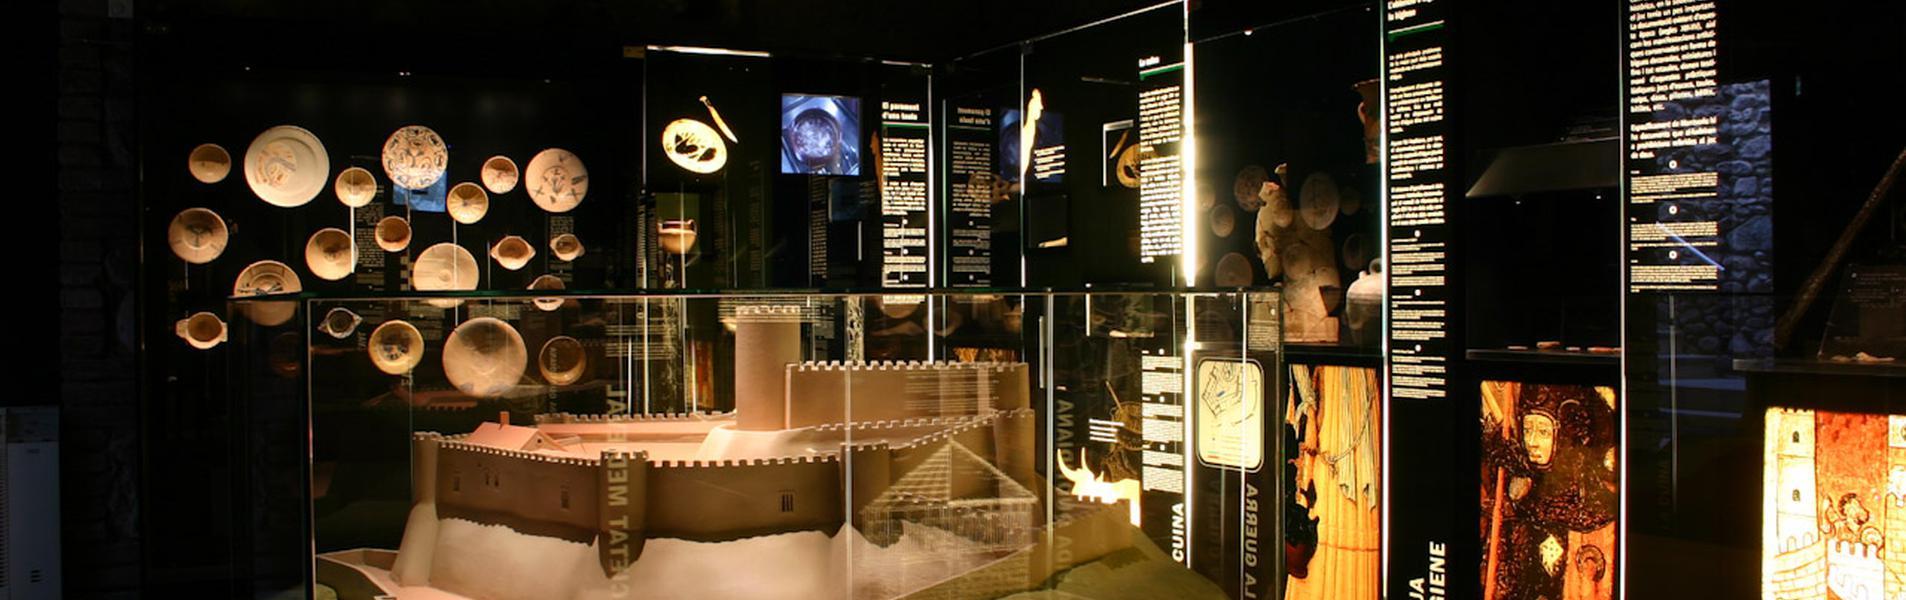 Museo Etnológico del Montseny-La Gabella  (Museu Etnològic del Montseny-La Gabella)